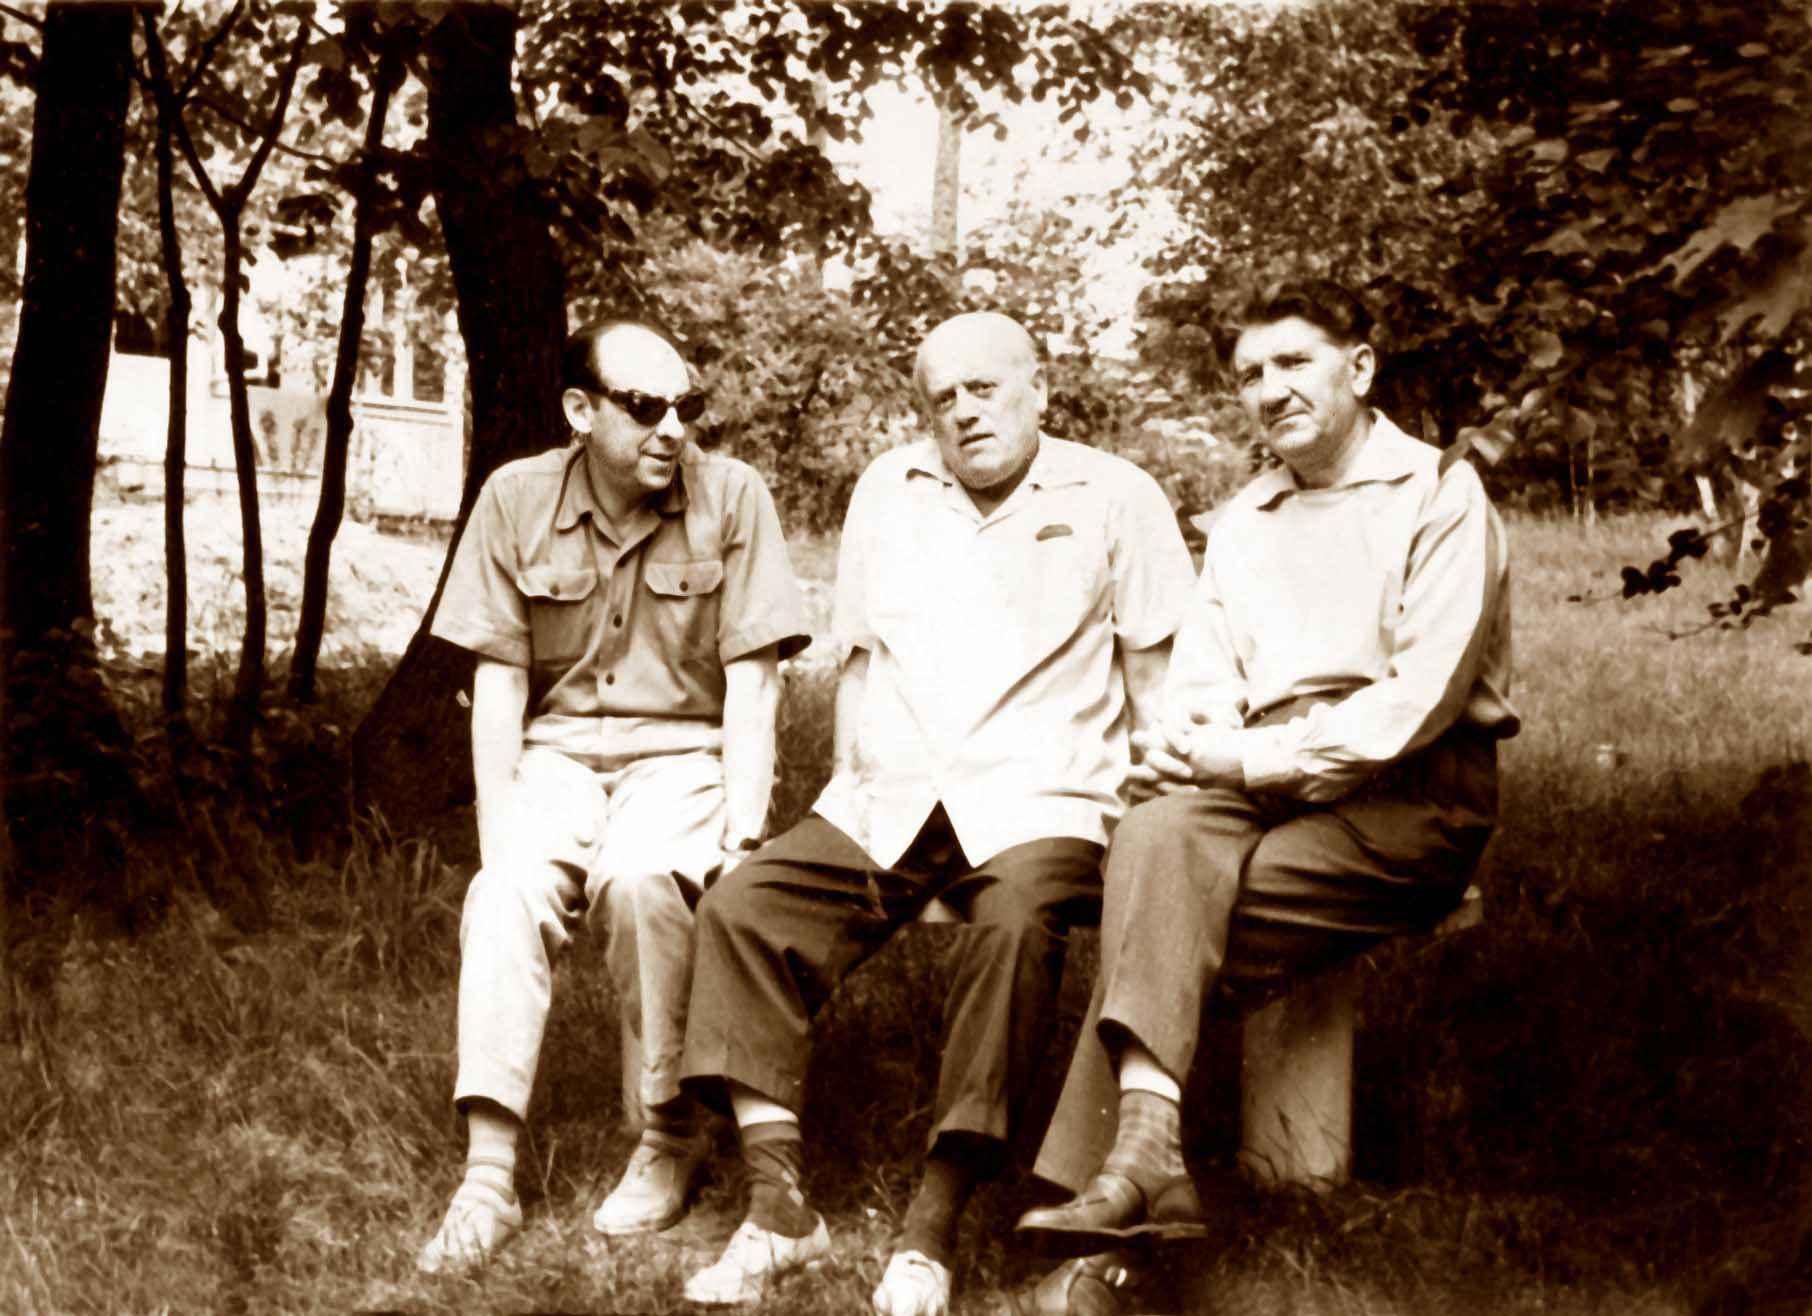 Экспонат #16. С Бубриком и Карановичем в «Болшево». 1962 год